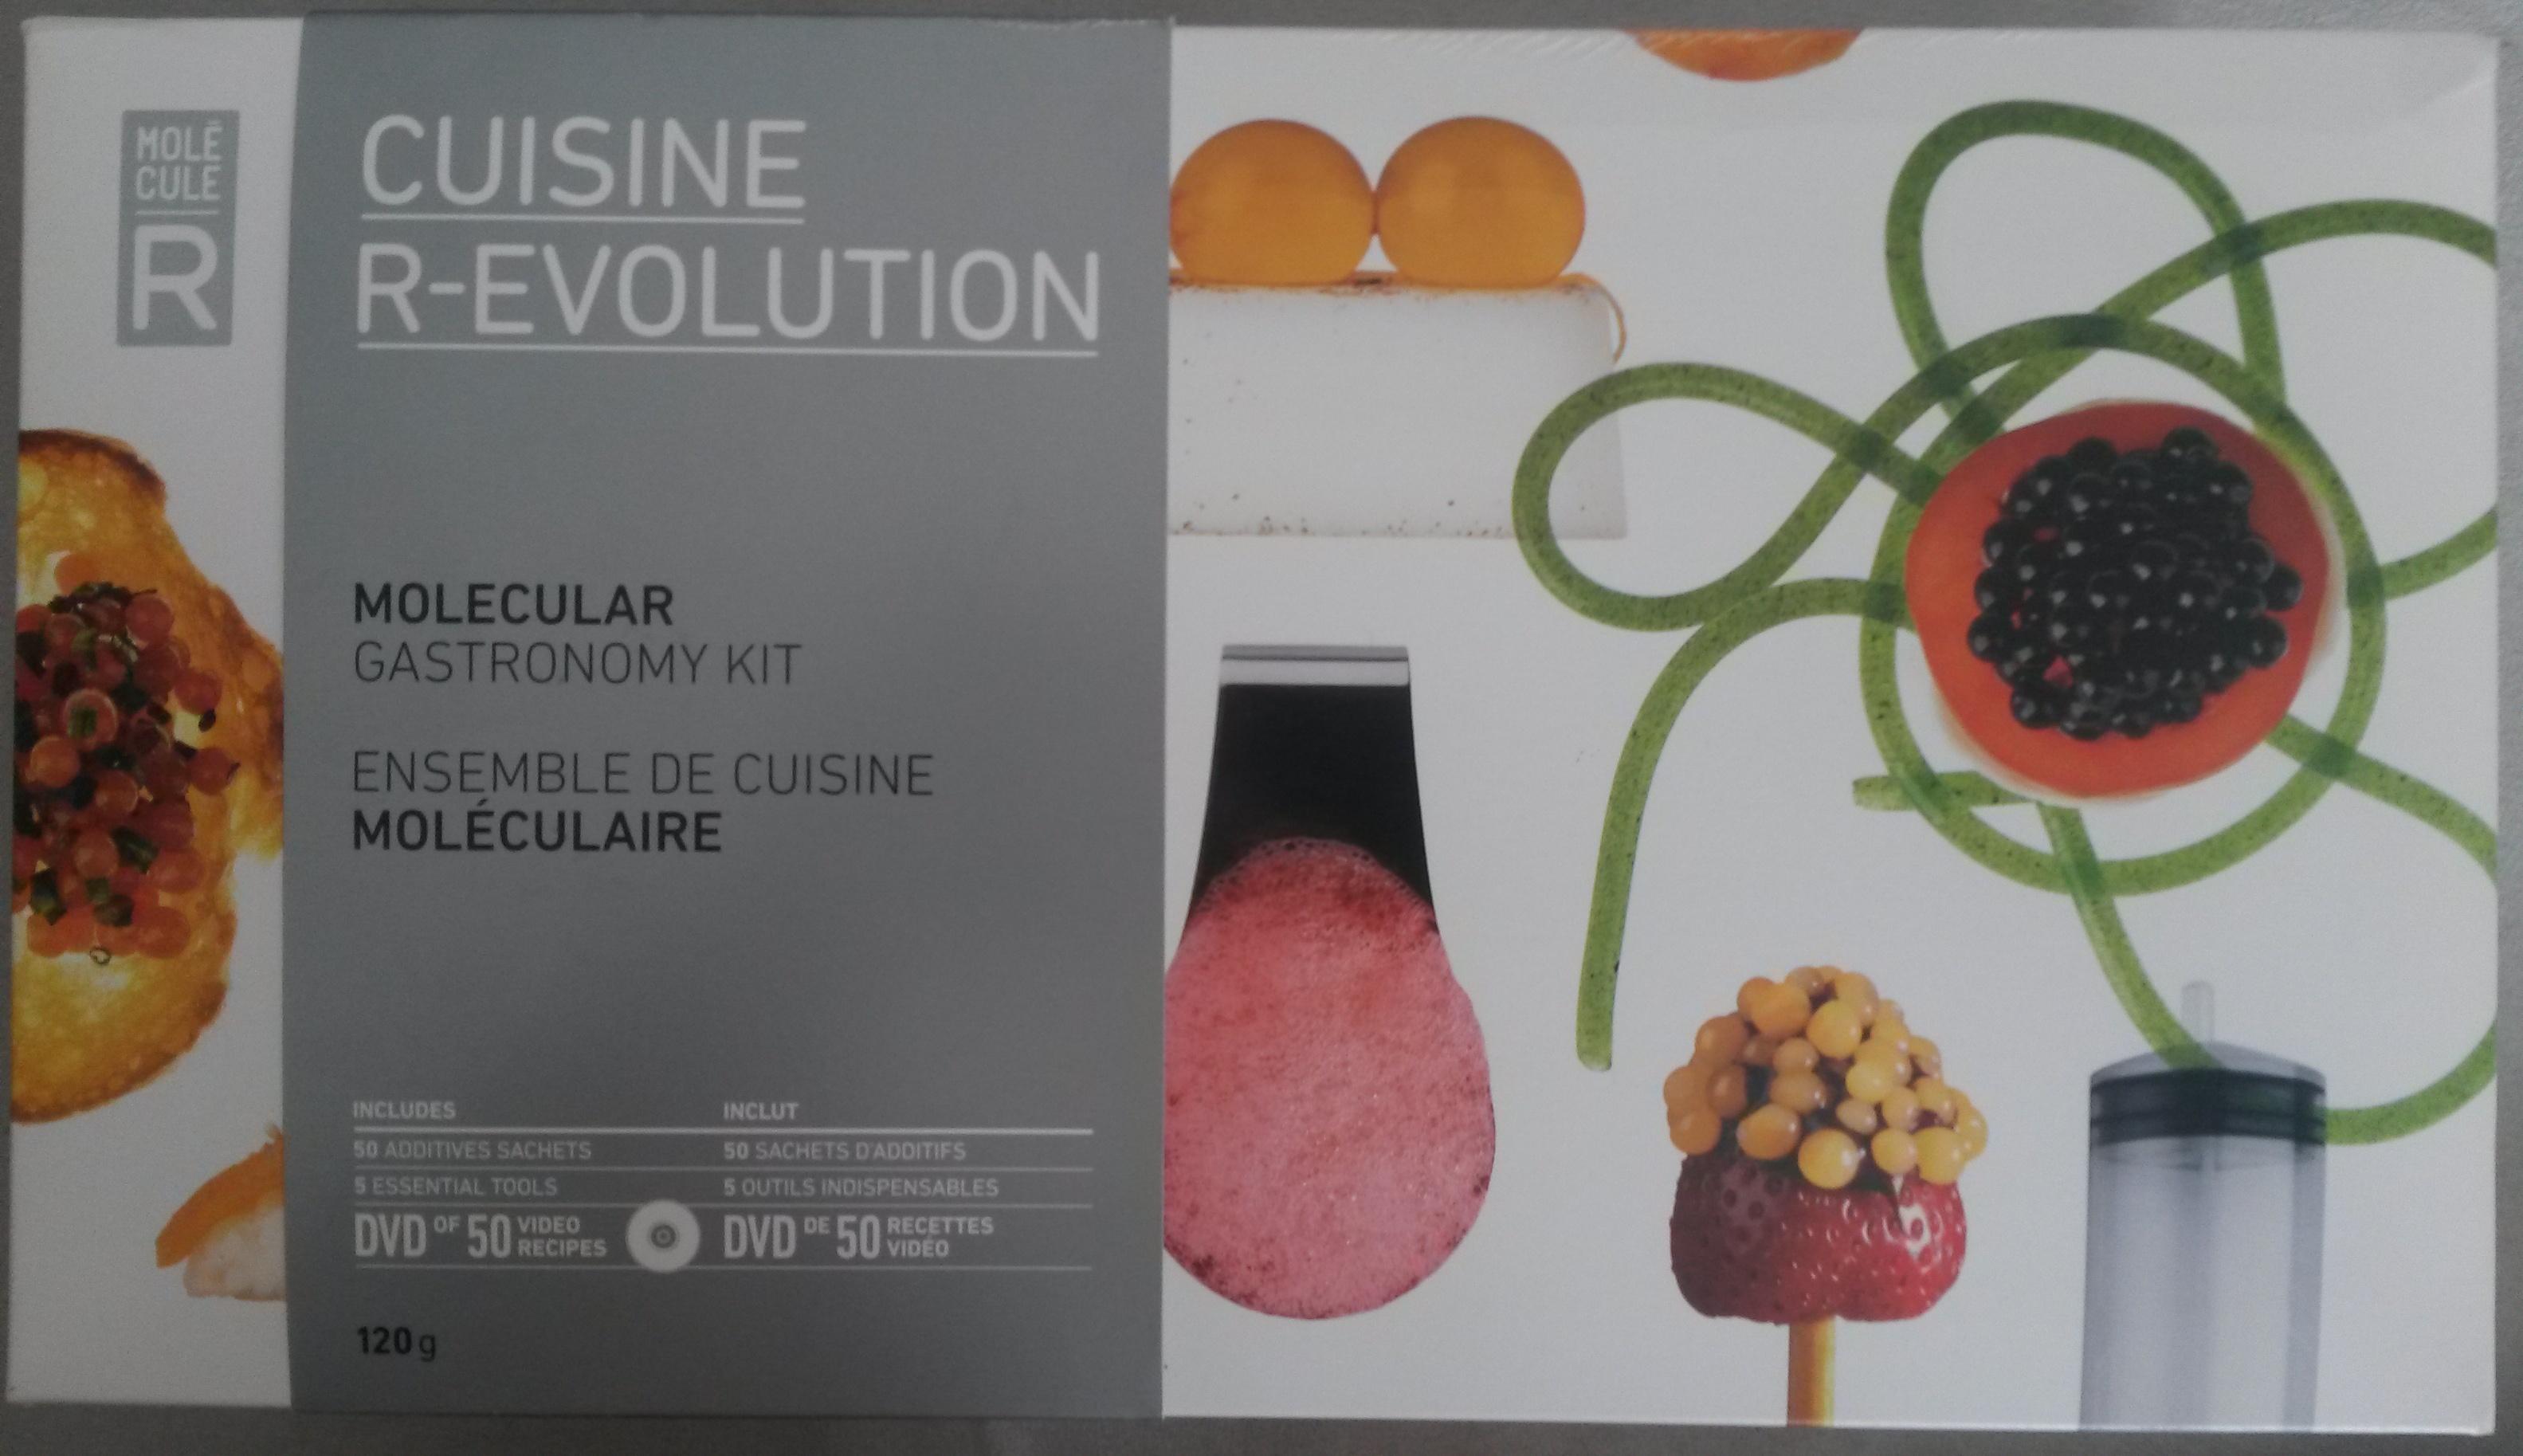 Cuisine R-Evolution - Molécule R - 120 g